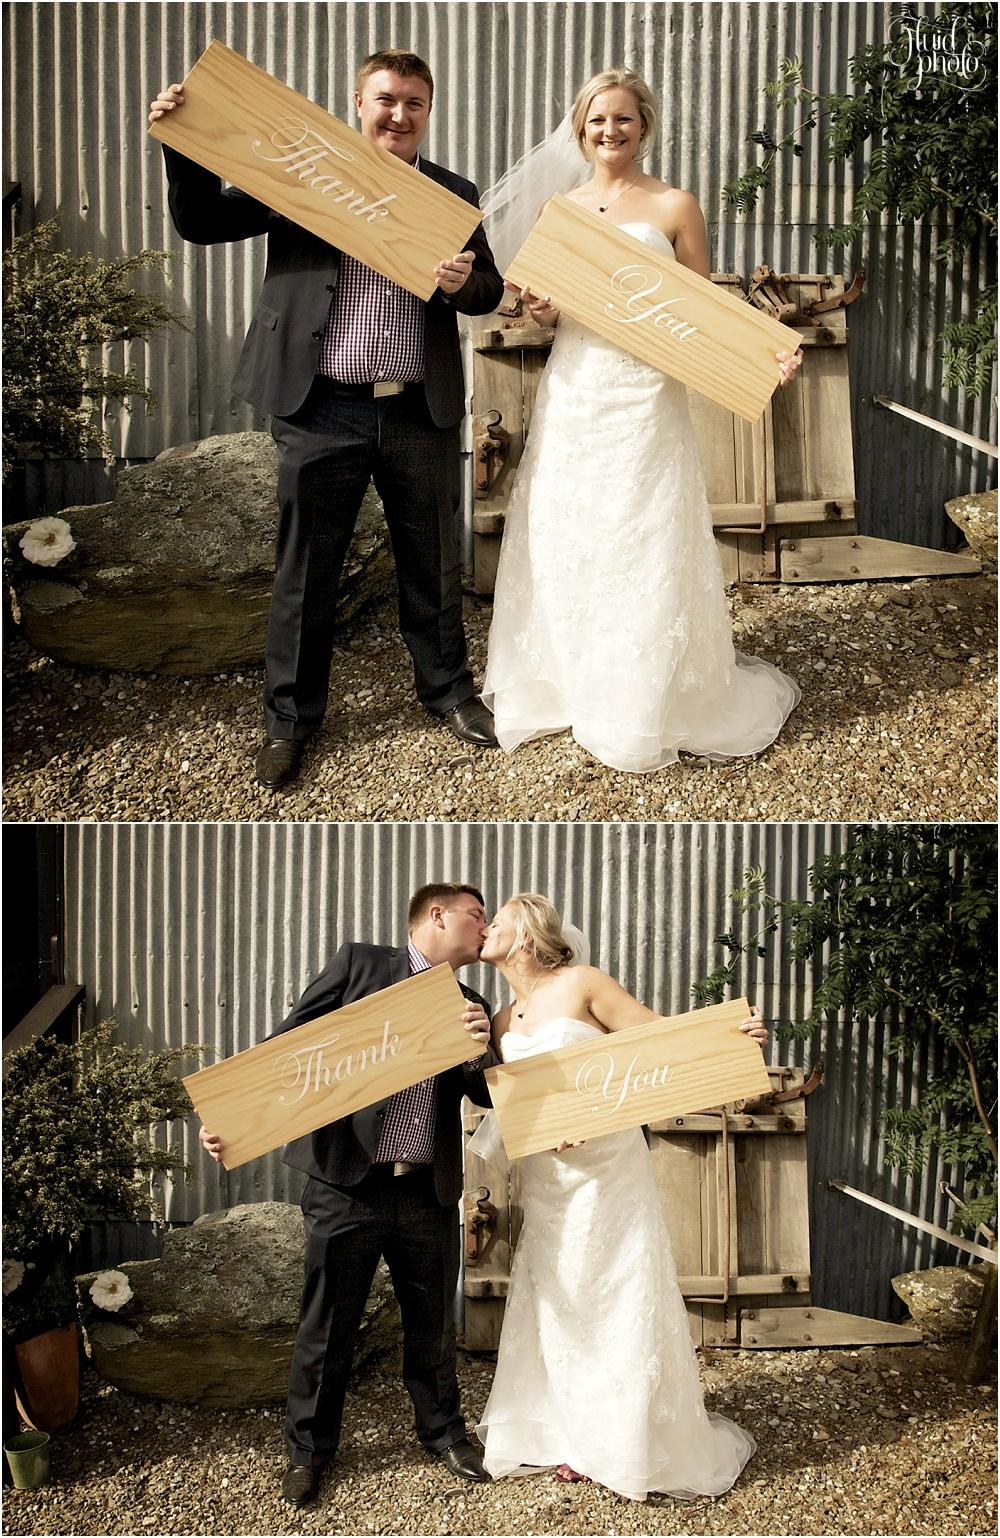 wedding-thank-you-card-47.jpg